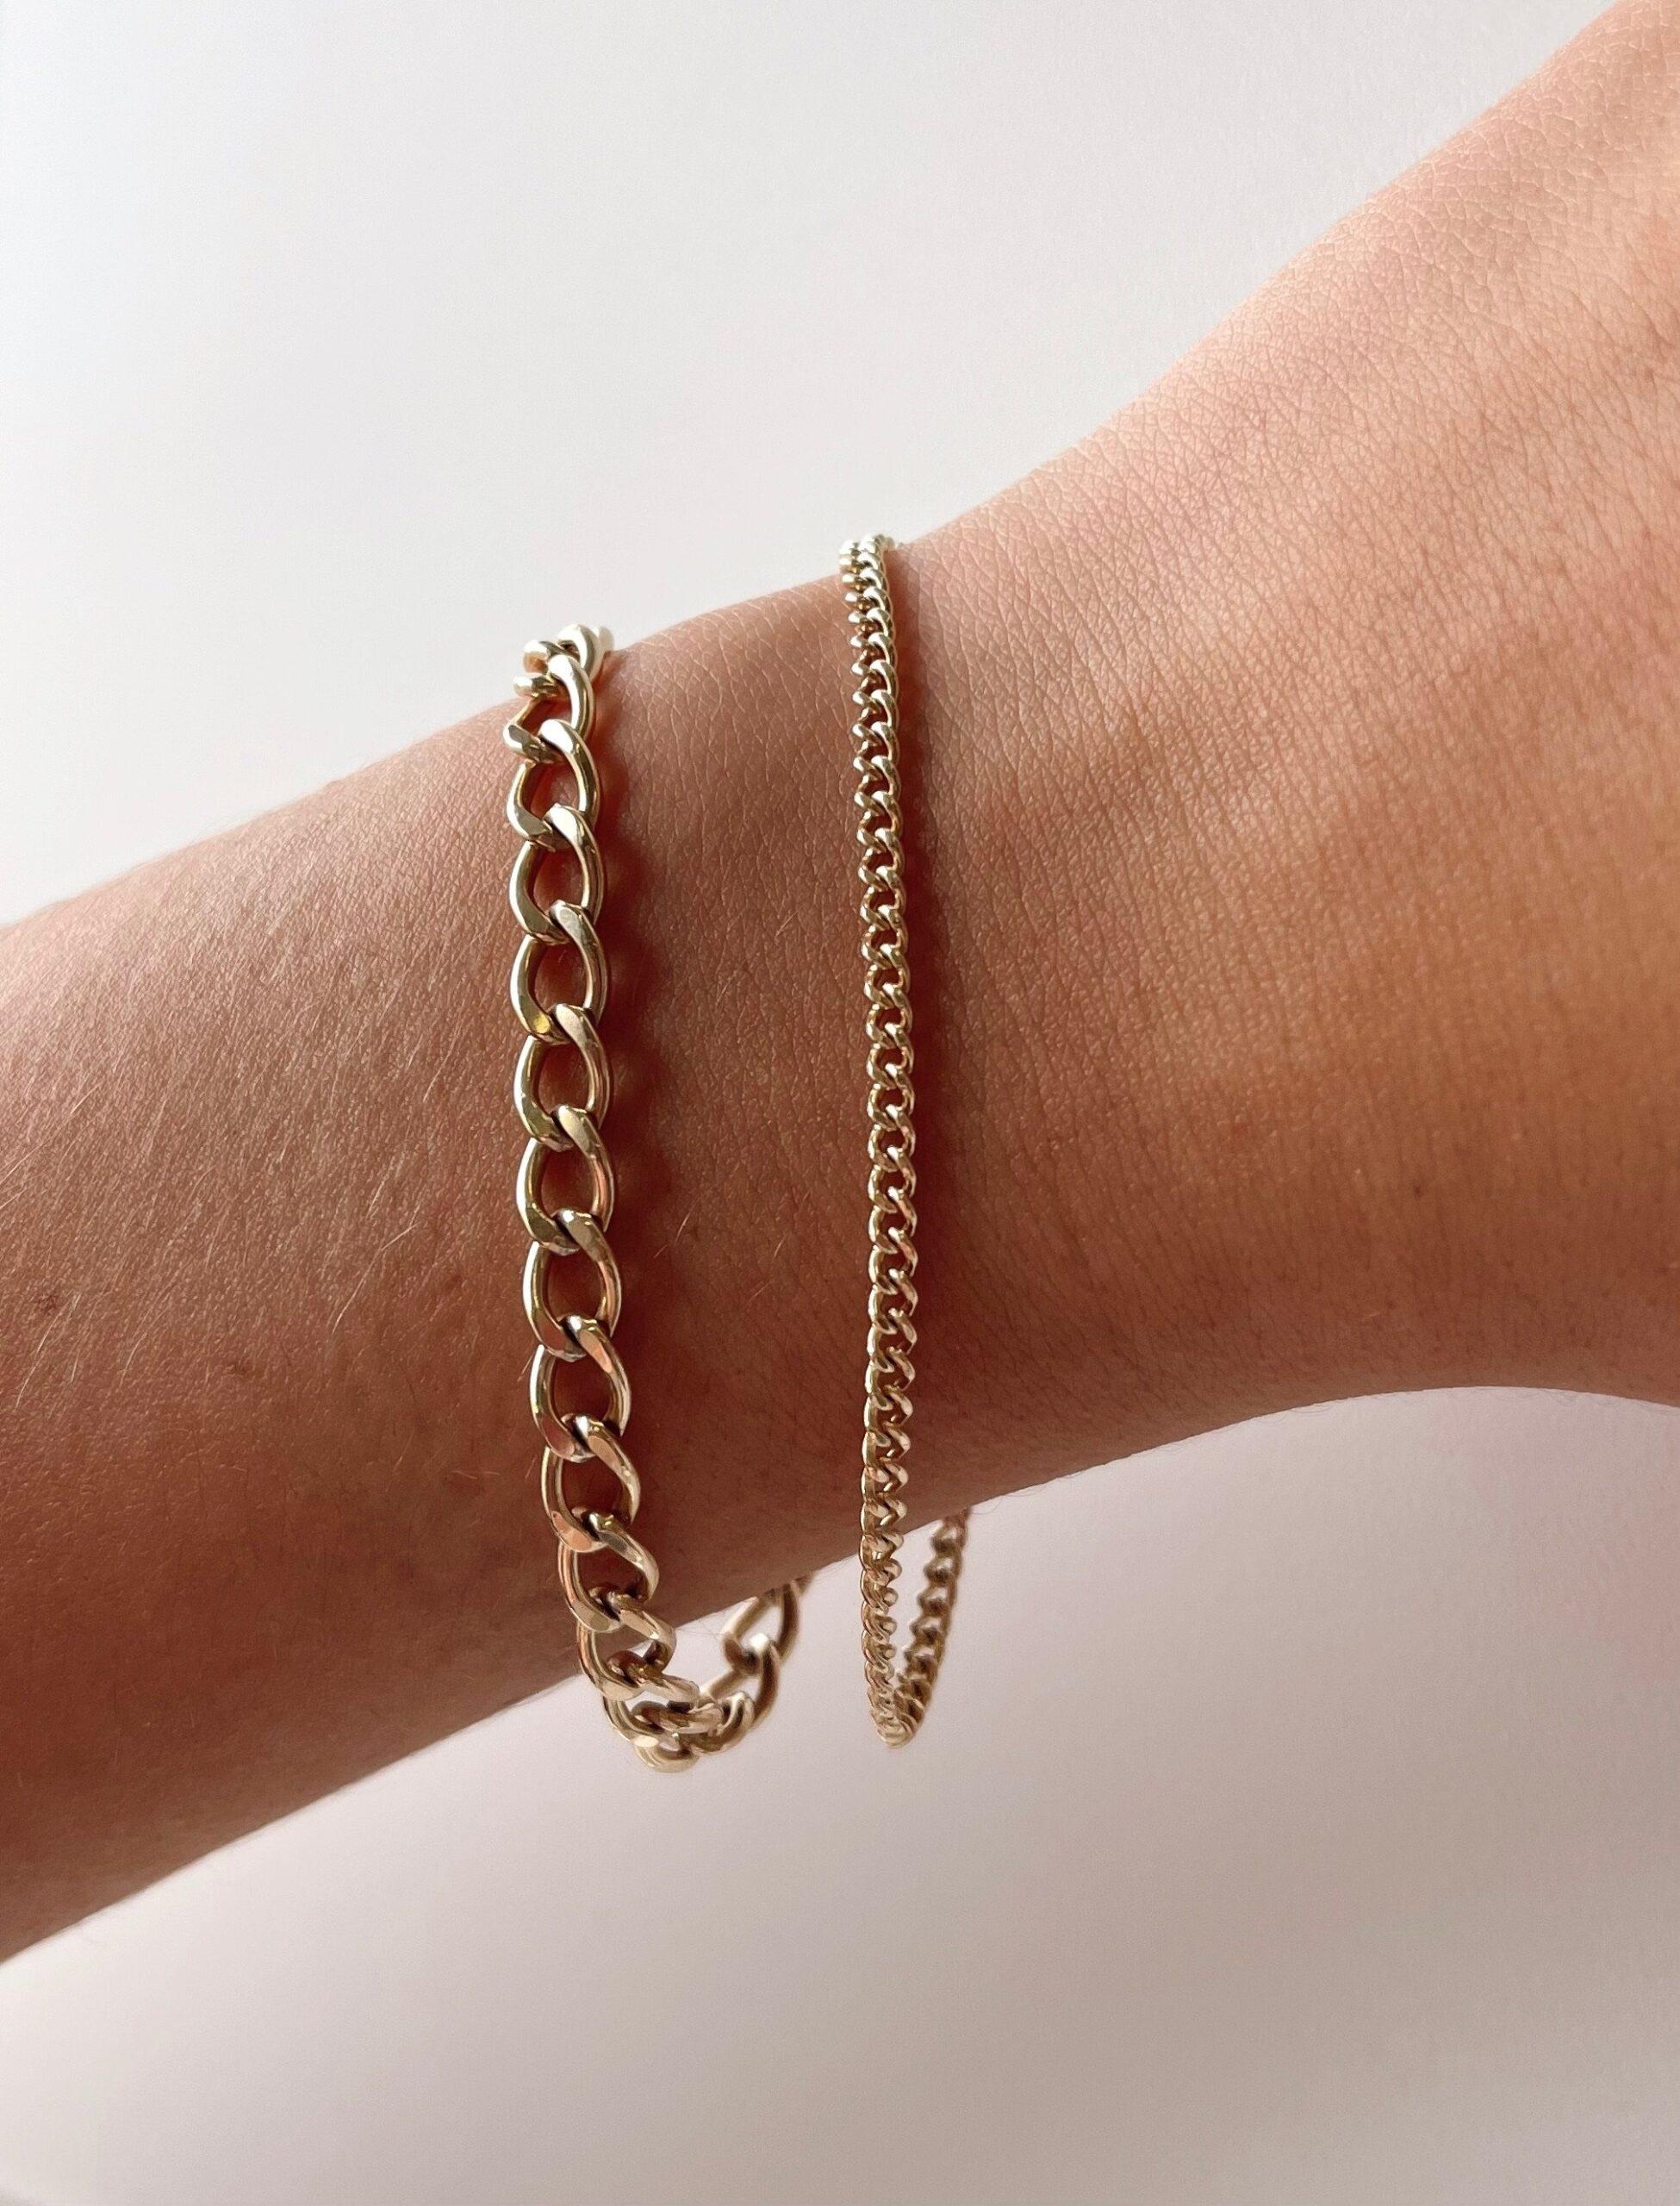 sophia lee jewelry